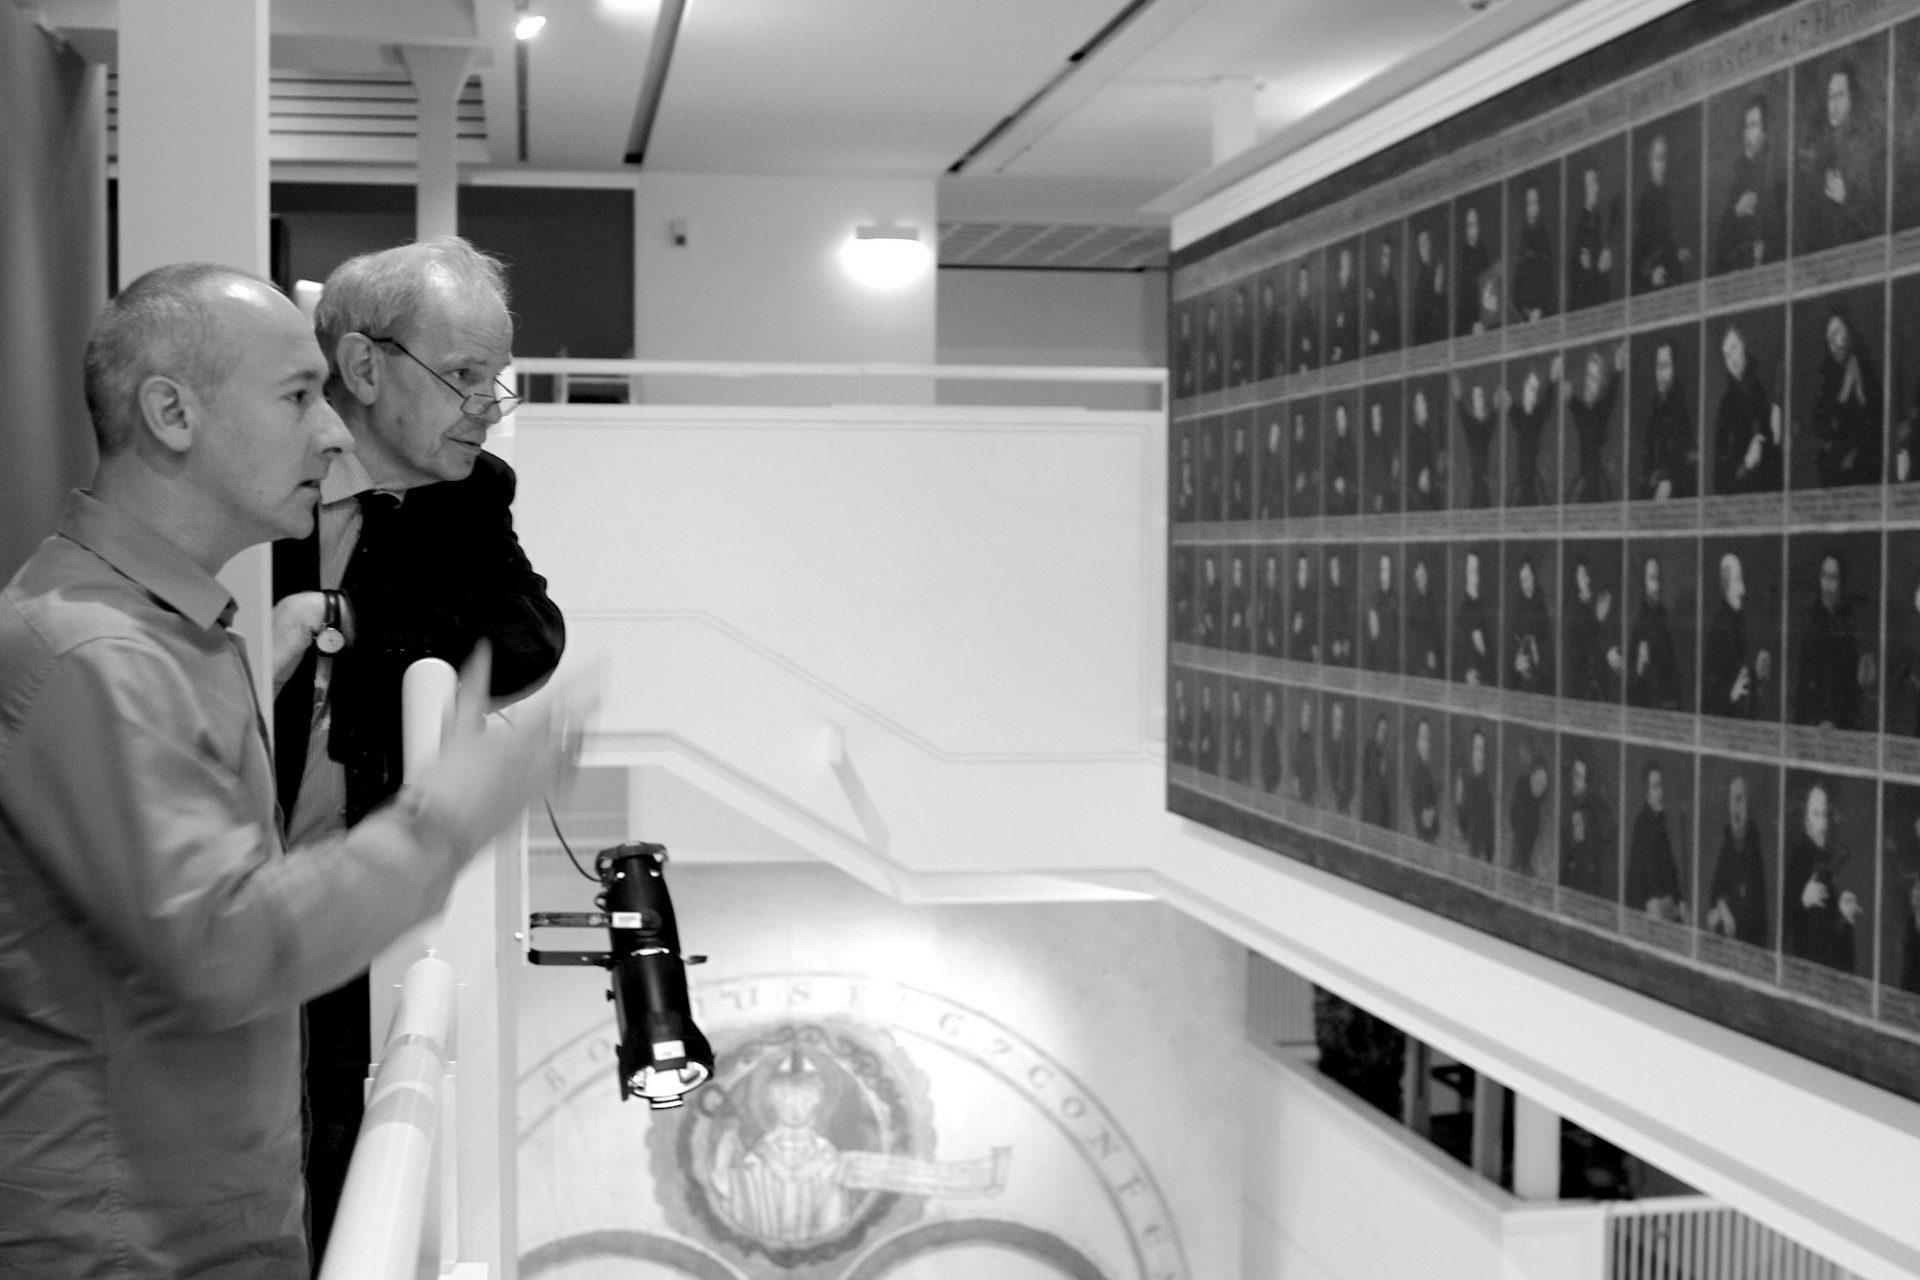 Das Gespräch.  THE LINK-Mitgründer und -Mitbetreiber und Architekt Hendrik Bohle (li.) in der Unterhaltung mit Museumsdirektor Christoph Stiegemann.